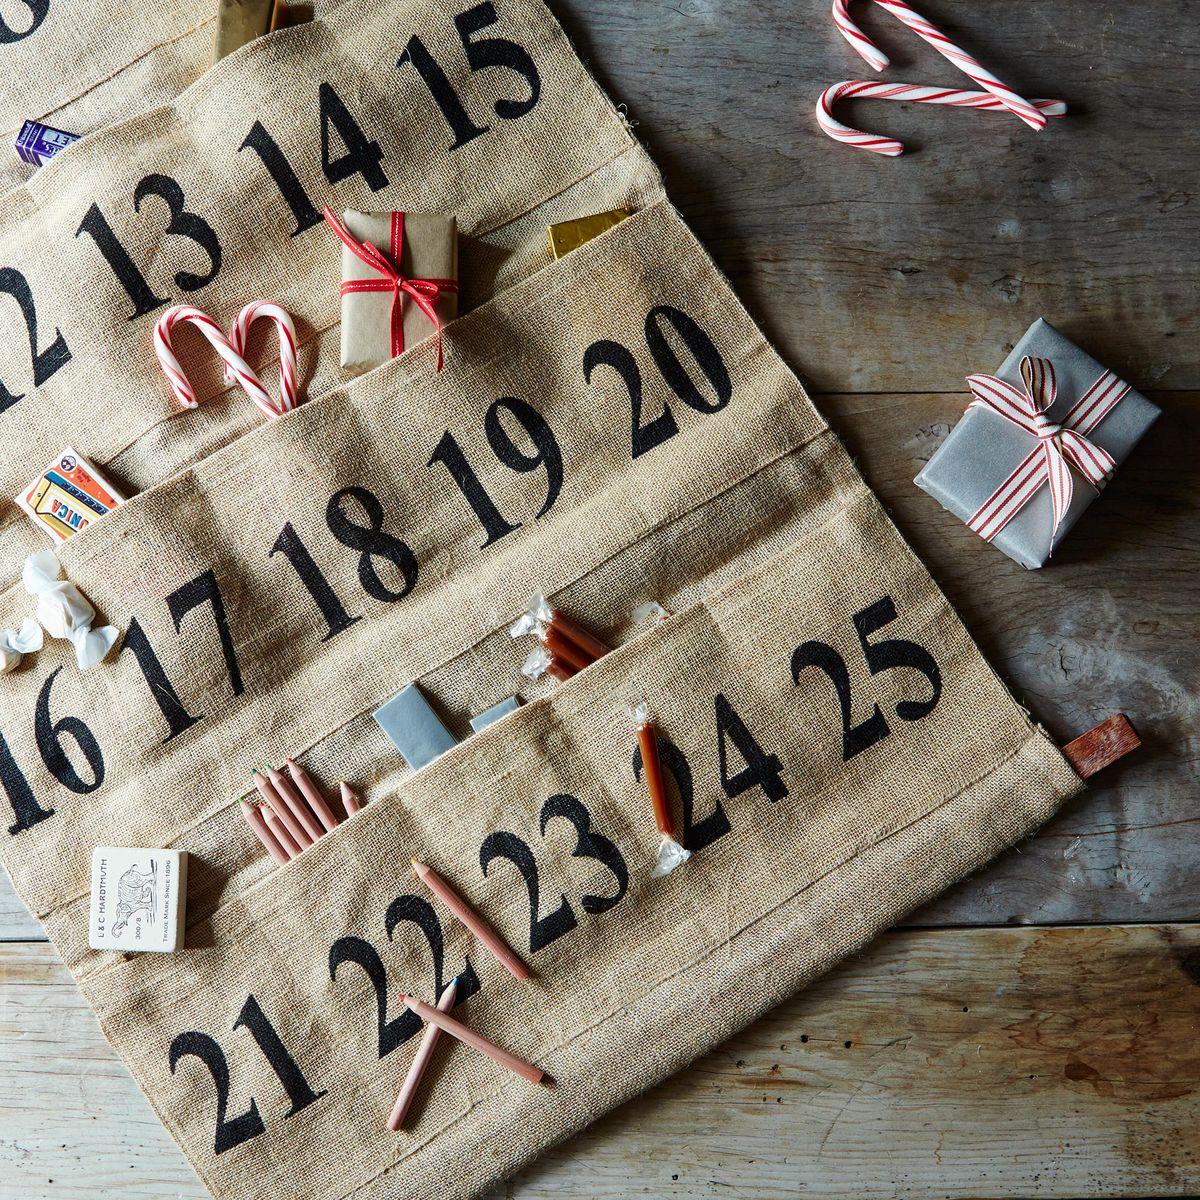 Advent Calendar Refill Ideas : Ways to fill an advent calendar